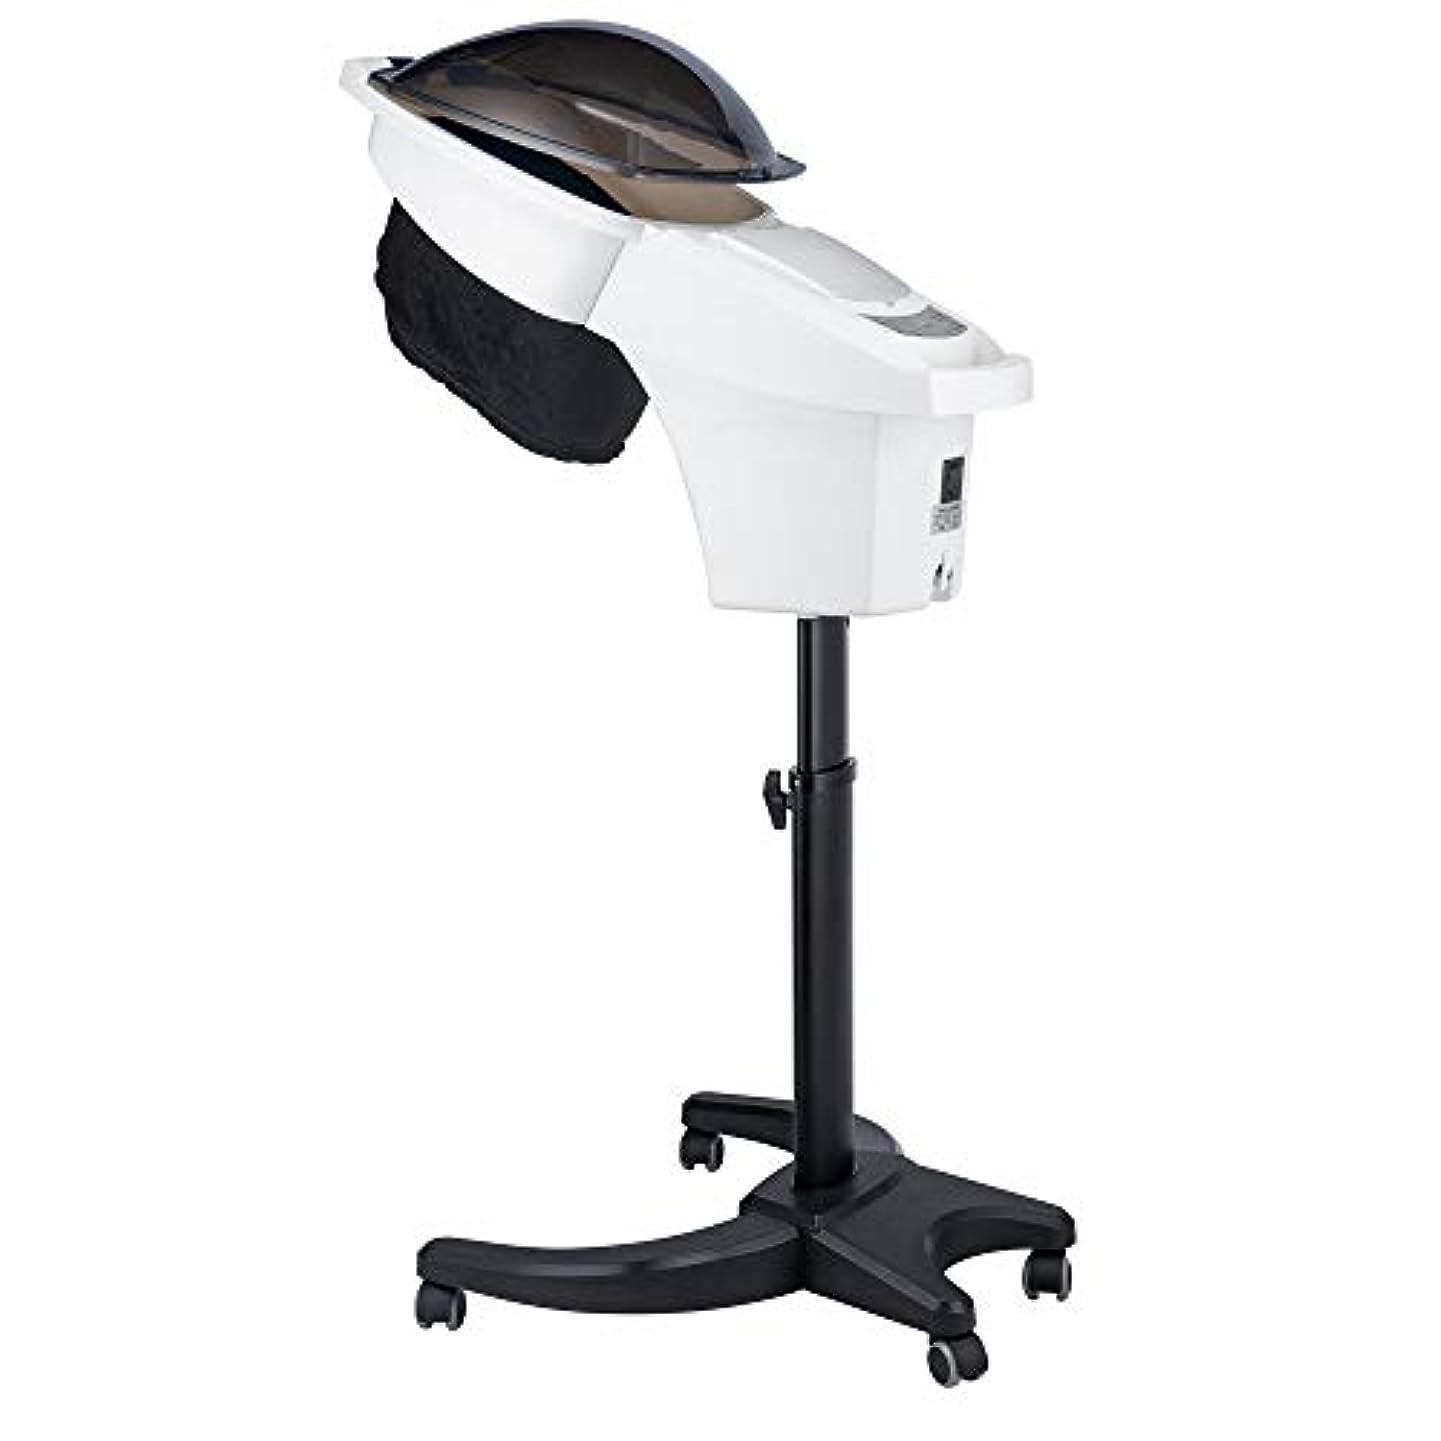 やめる衛星気を散らすHIZLJJ ヘアトリートメント理容室スパToolsのタイマー700W専門のサロンのヘアスチーマーインストールヘアカラープロセッサー調節可能なタイマ付きデラックスヘアースチーマー (Color : White)